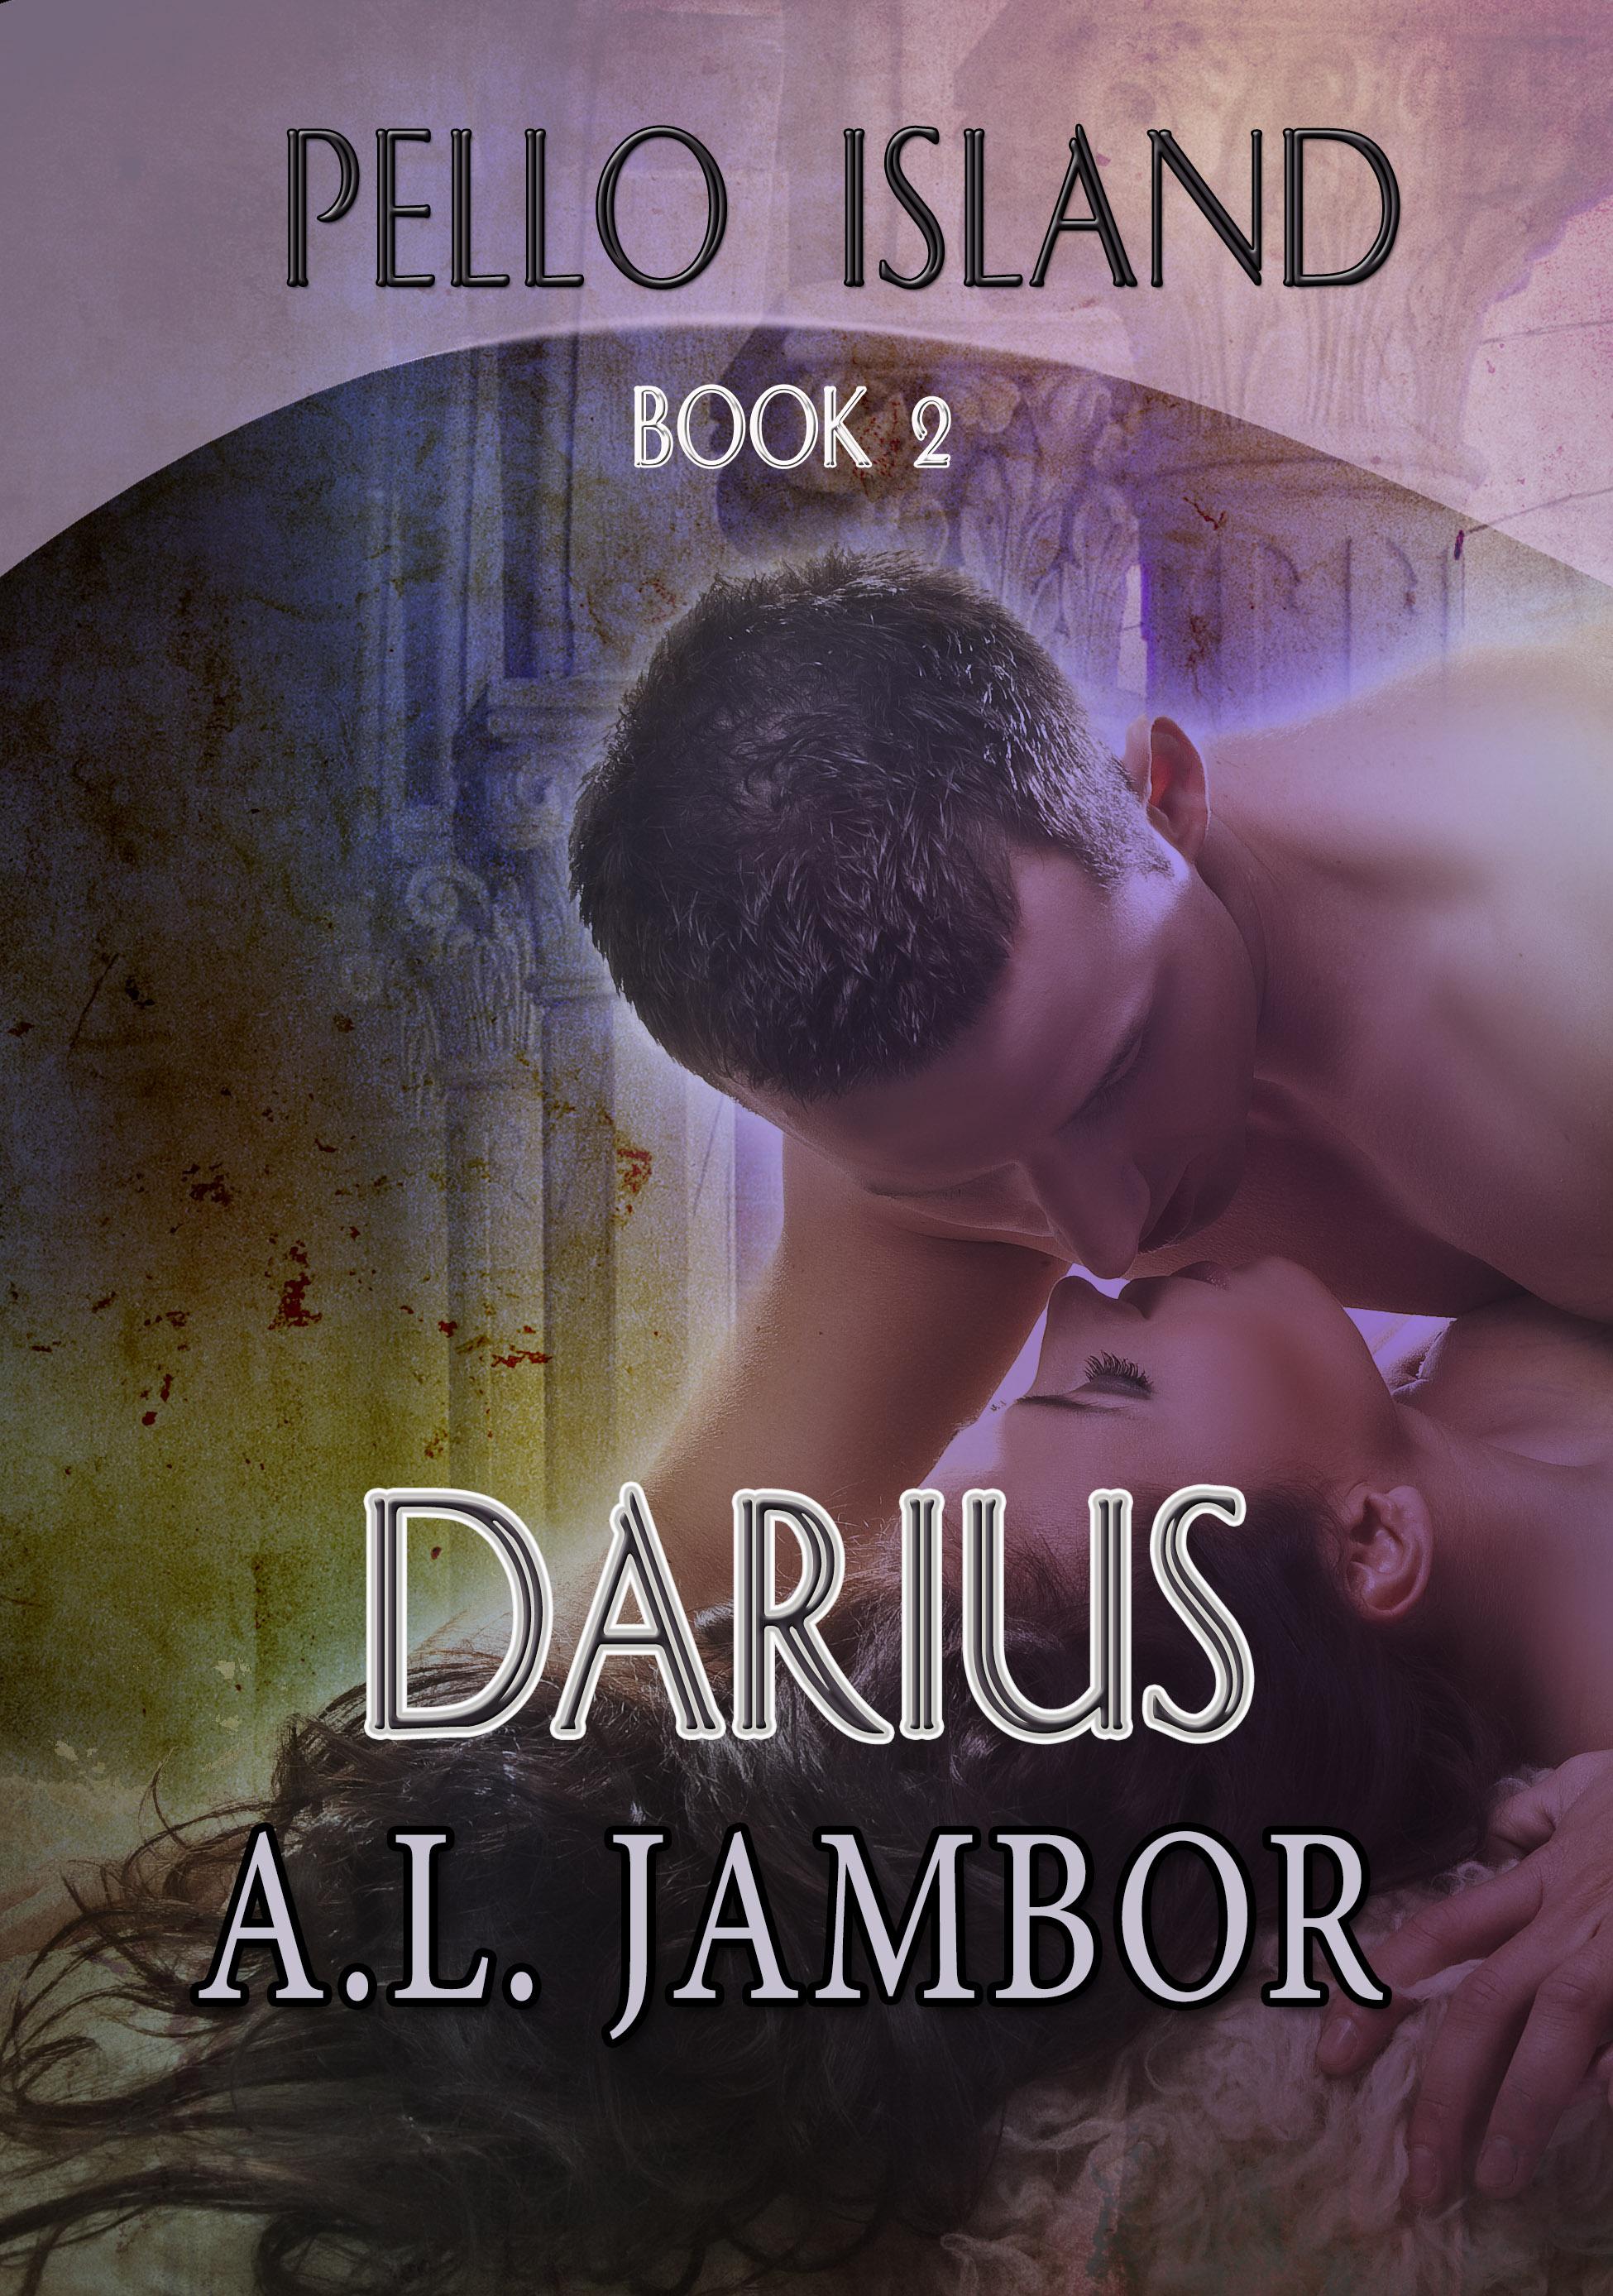 A.L. Jambor - Darius Pello Island 2